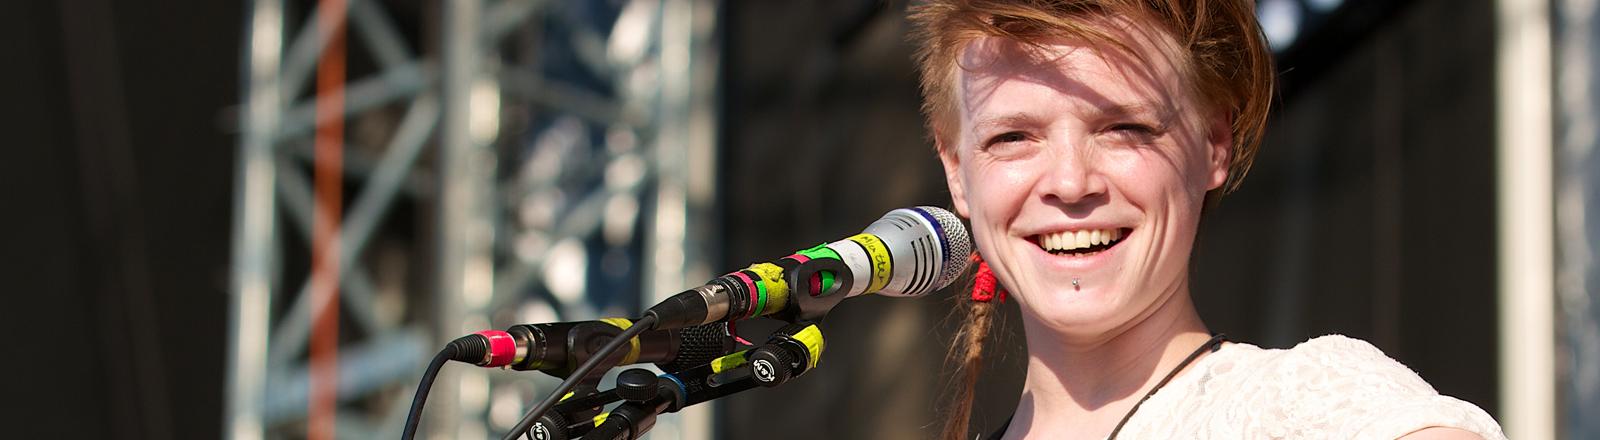 Wallis Bird, irische Singer- und Songwriterin, aufgenommen am 07.07.2013 in Mainz.